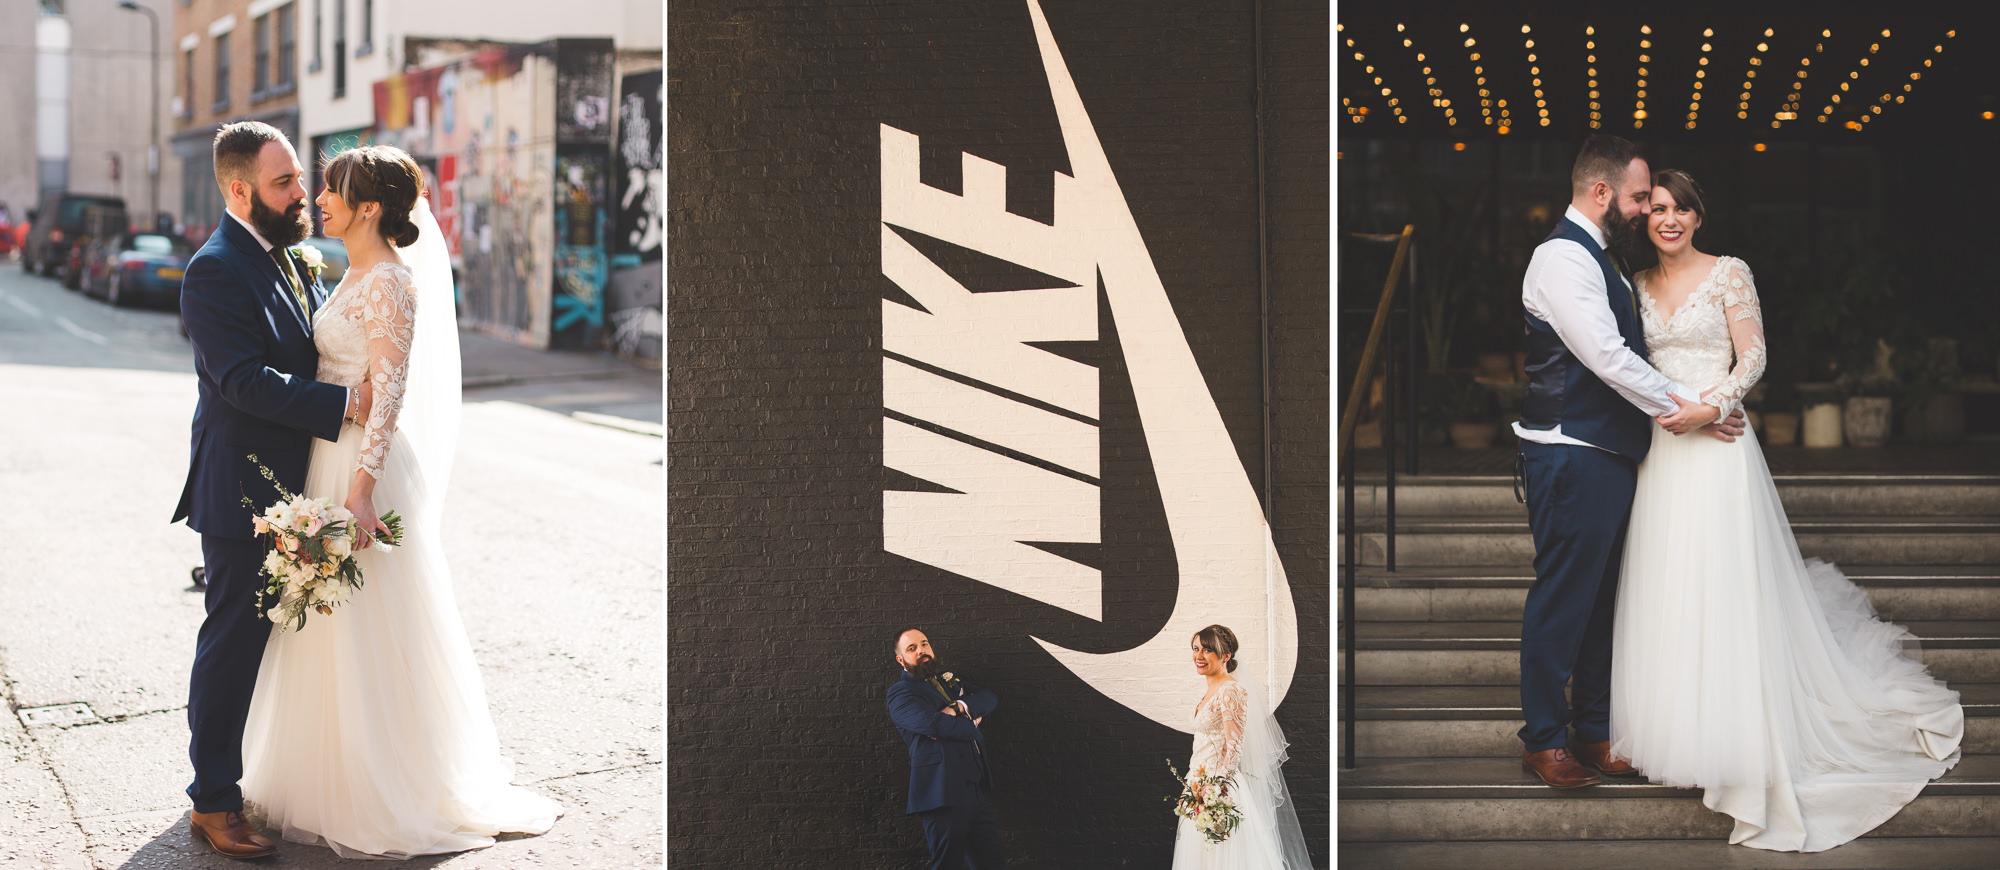 Ace Hotel Shoreditch Wedding